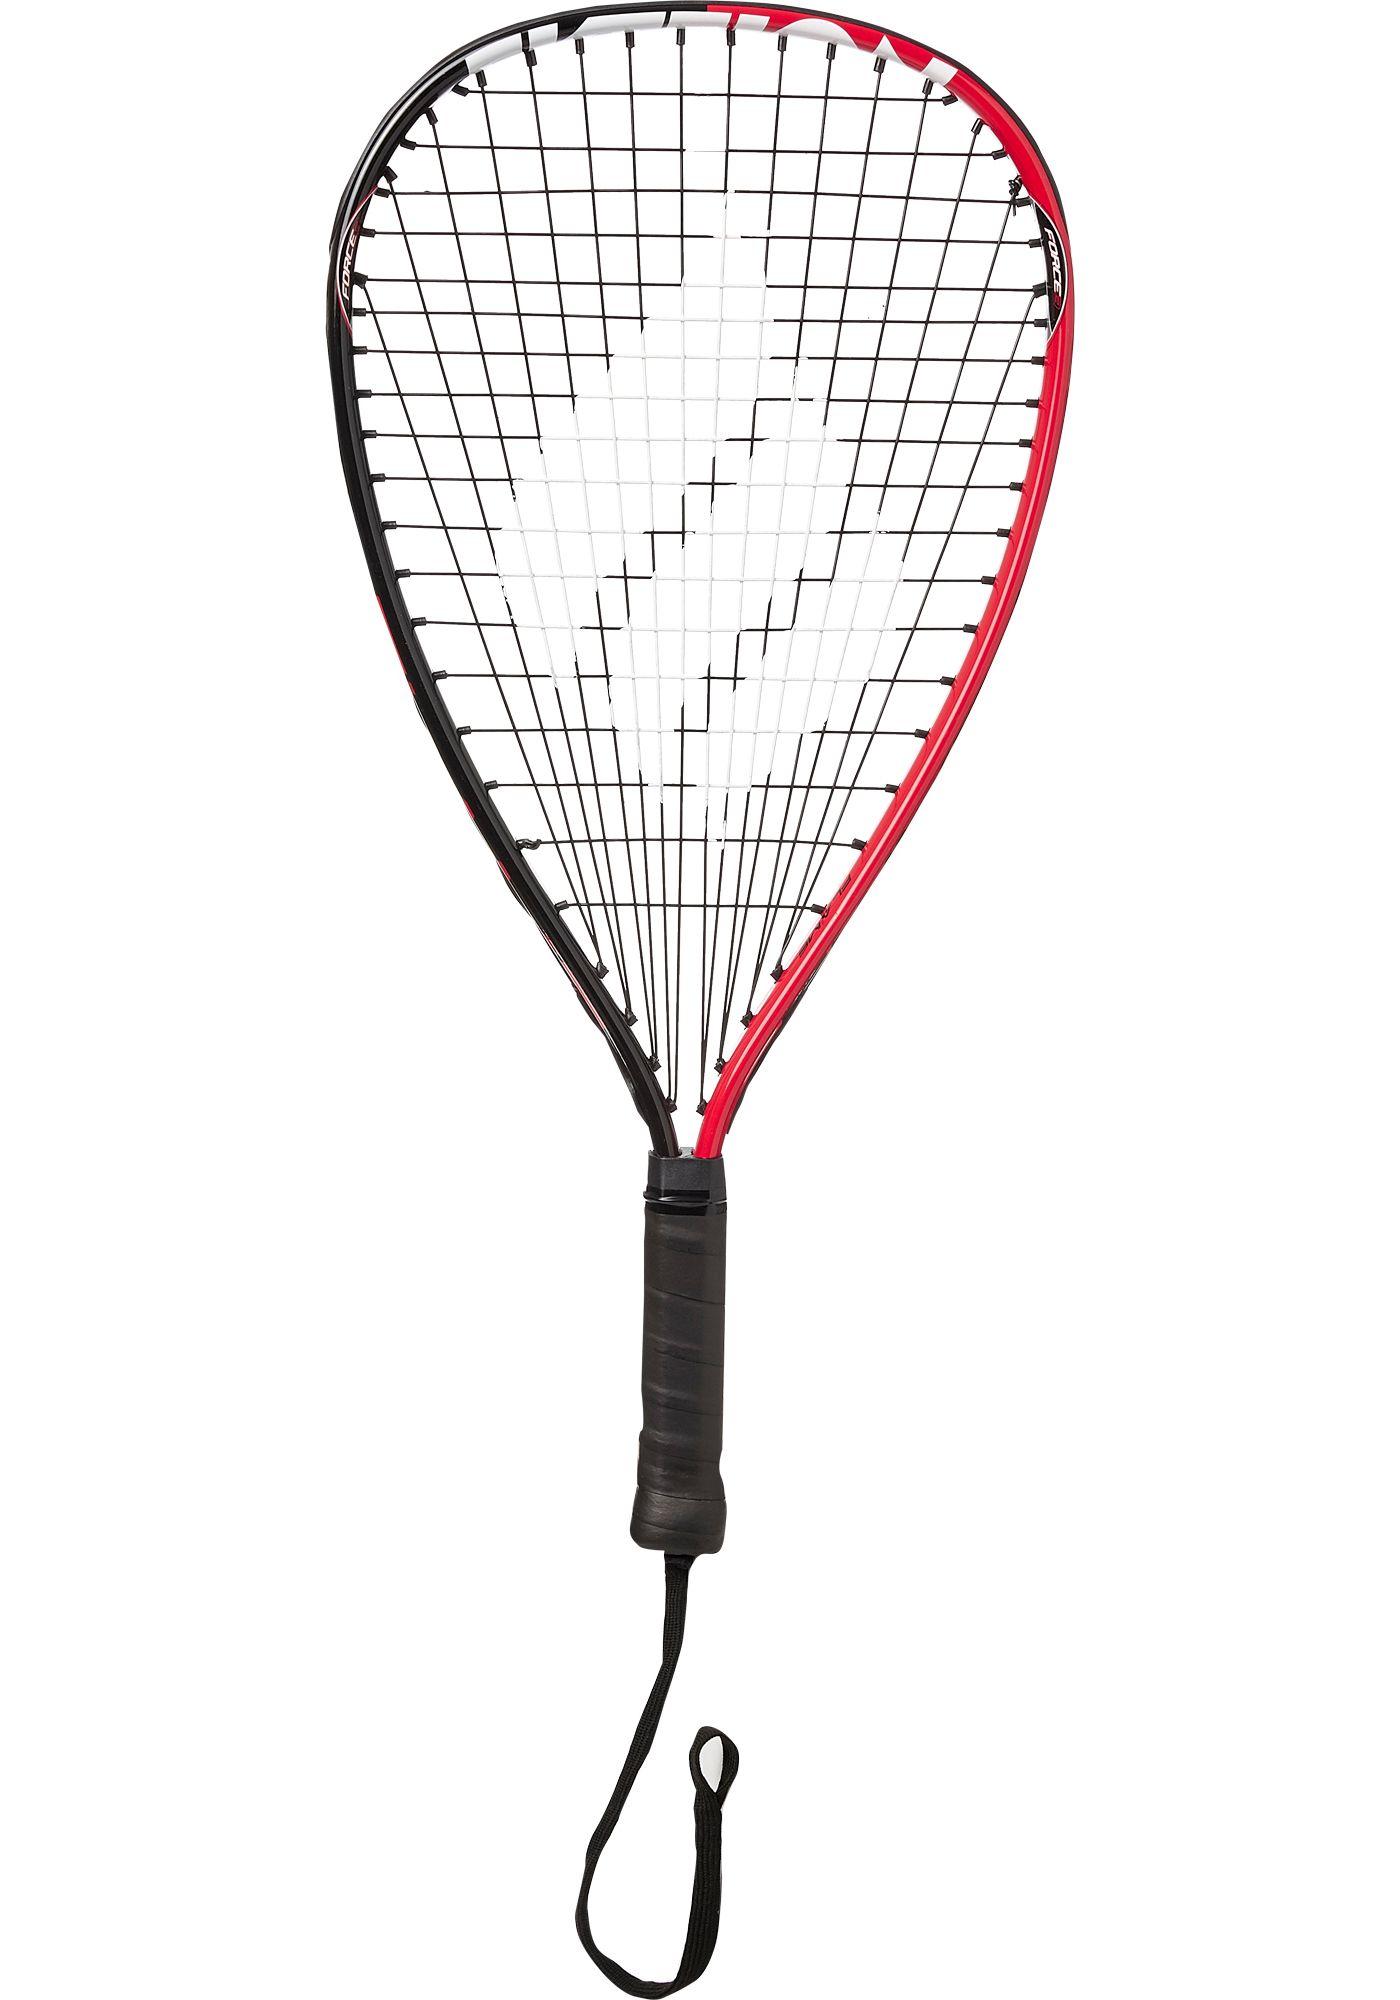 Ektelon Flame Racquetball Racquet